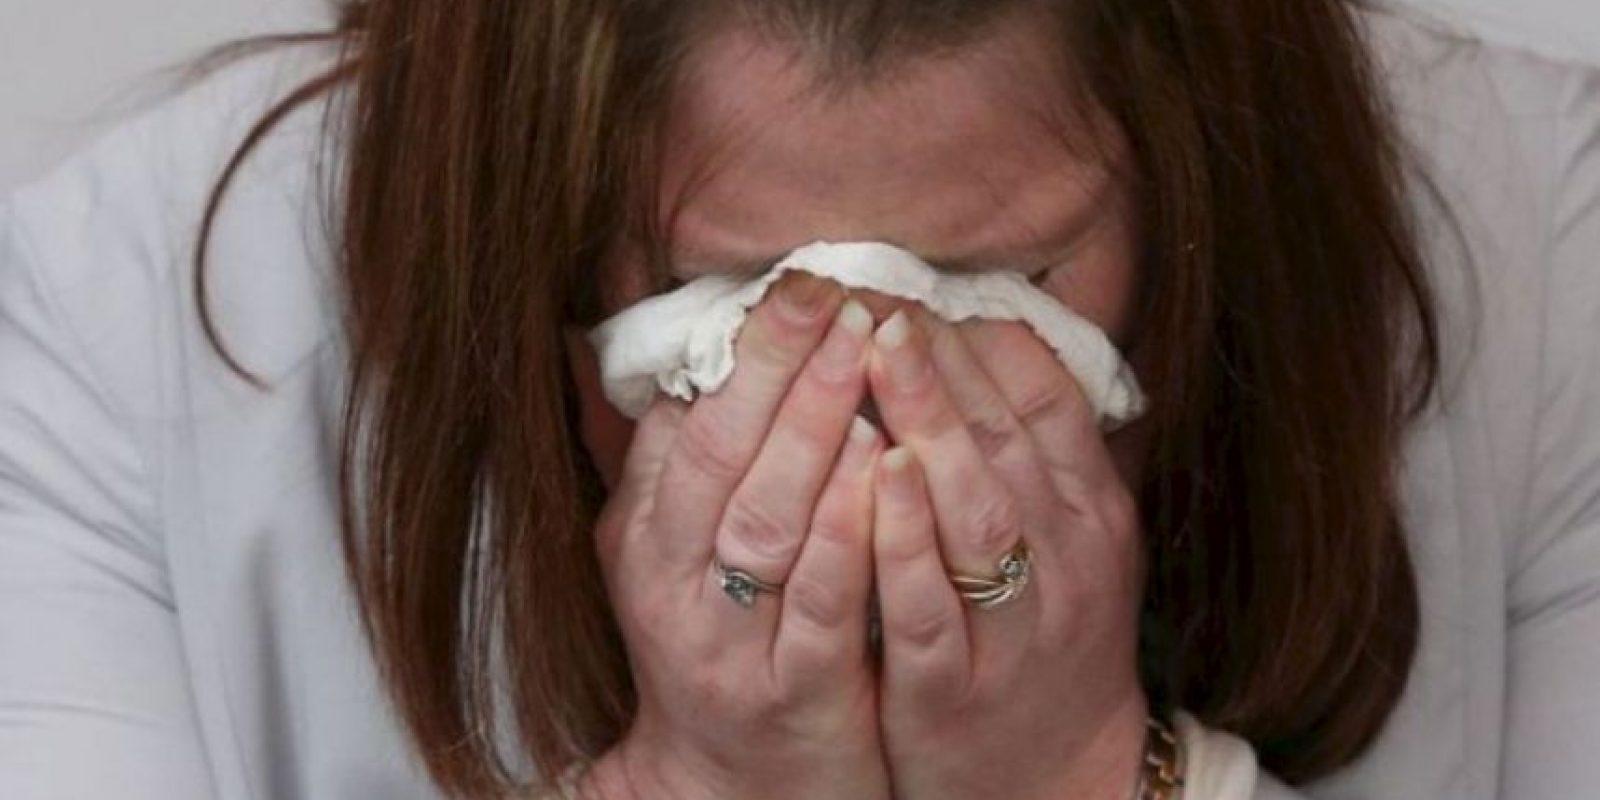 El 25 de noviembre se conmemora el Día Internacional de la Eliminación de la Violencia contra la Mujer. Foto:Getty Images